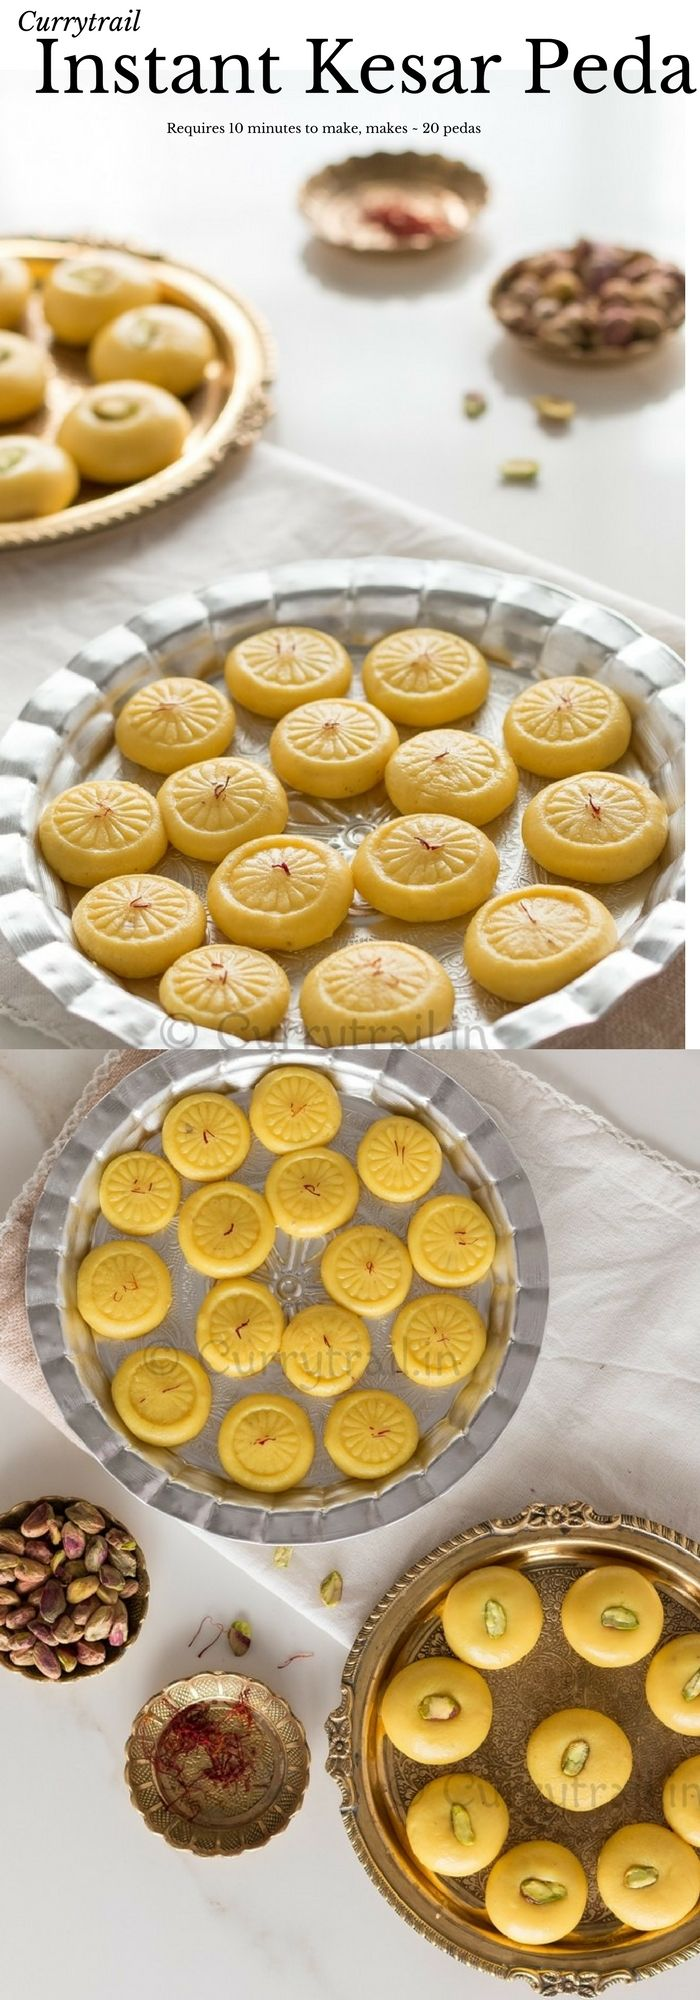 Instant Kesar Peda | Saffron Infused Milk Fudge